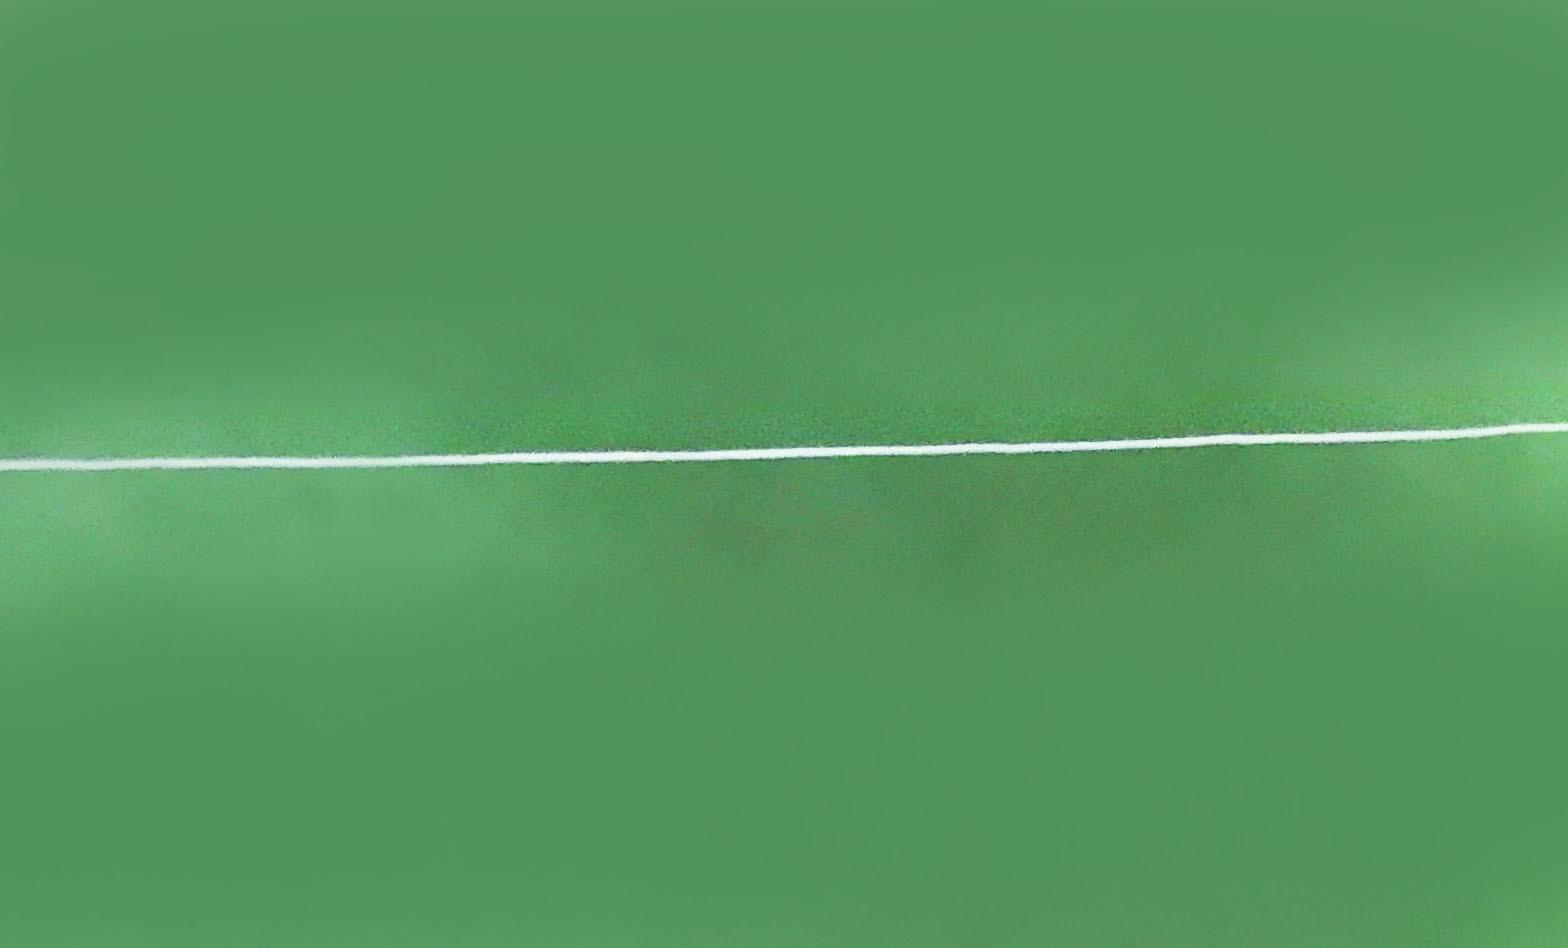 комплексная нить класса «А», фото